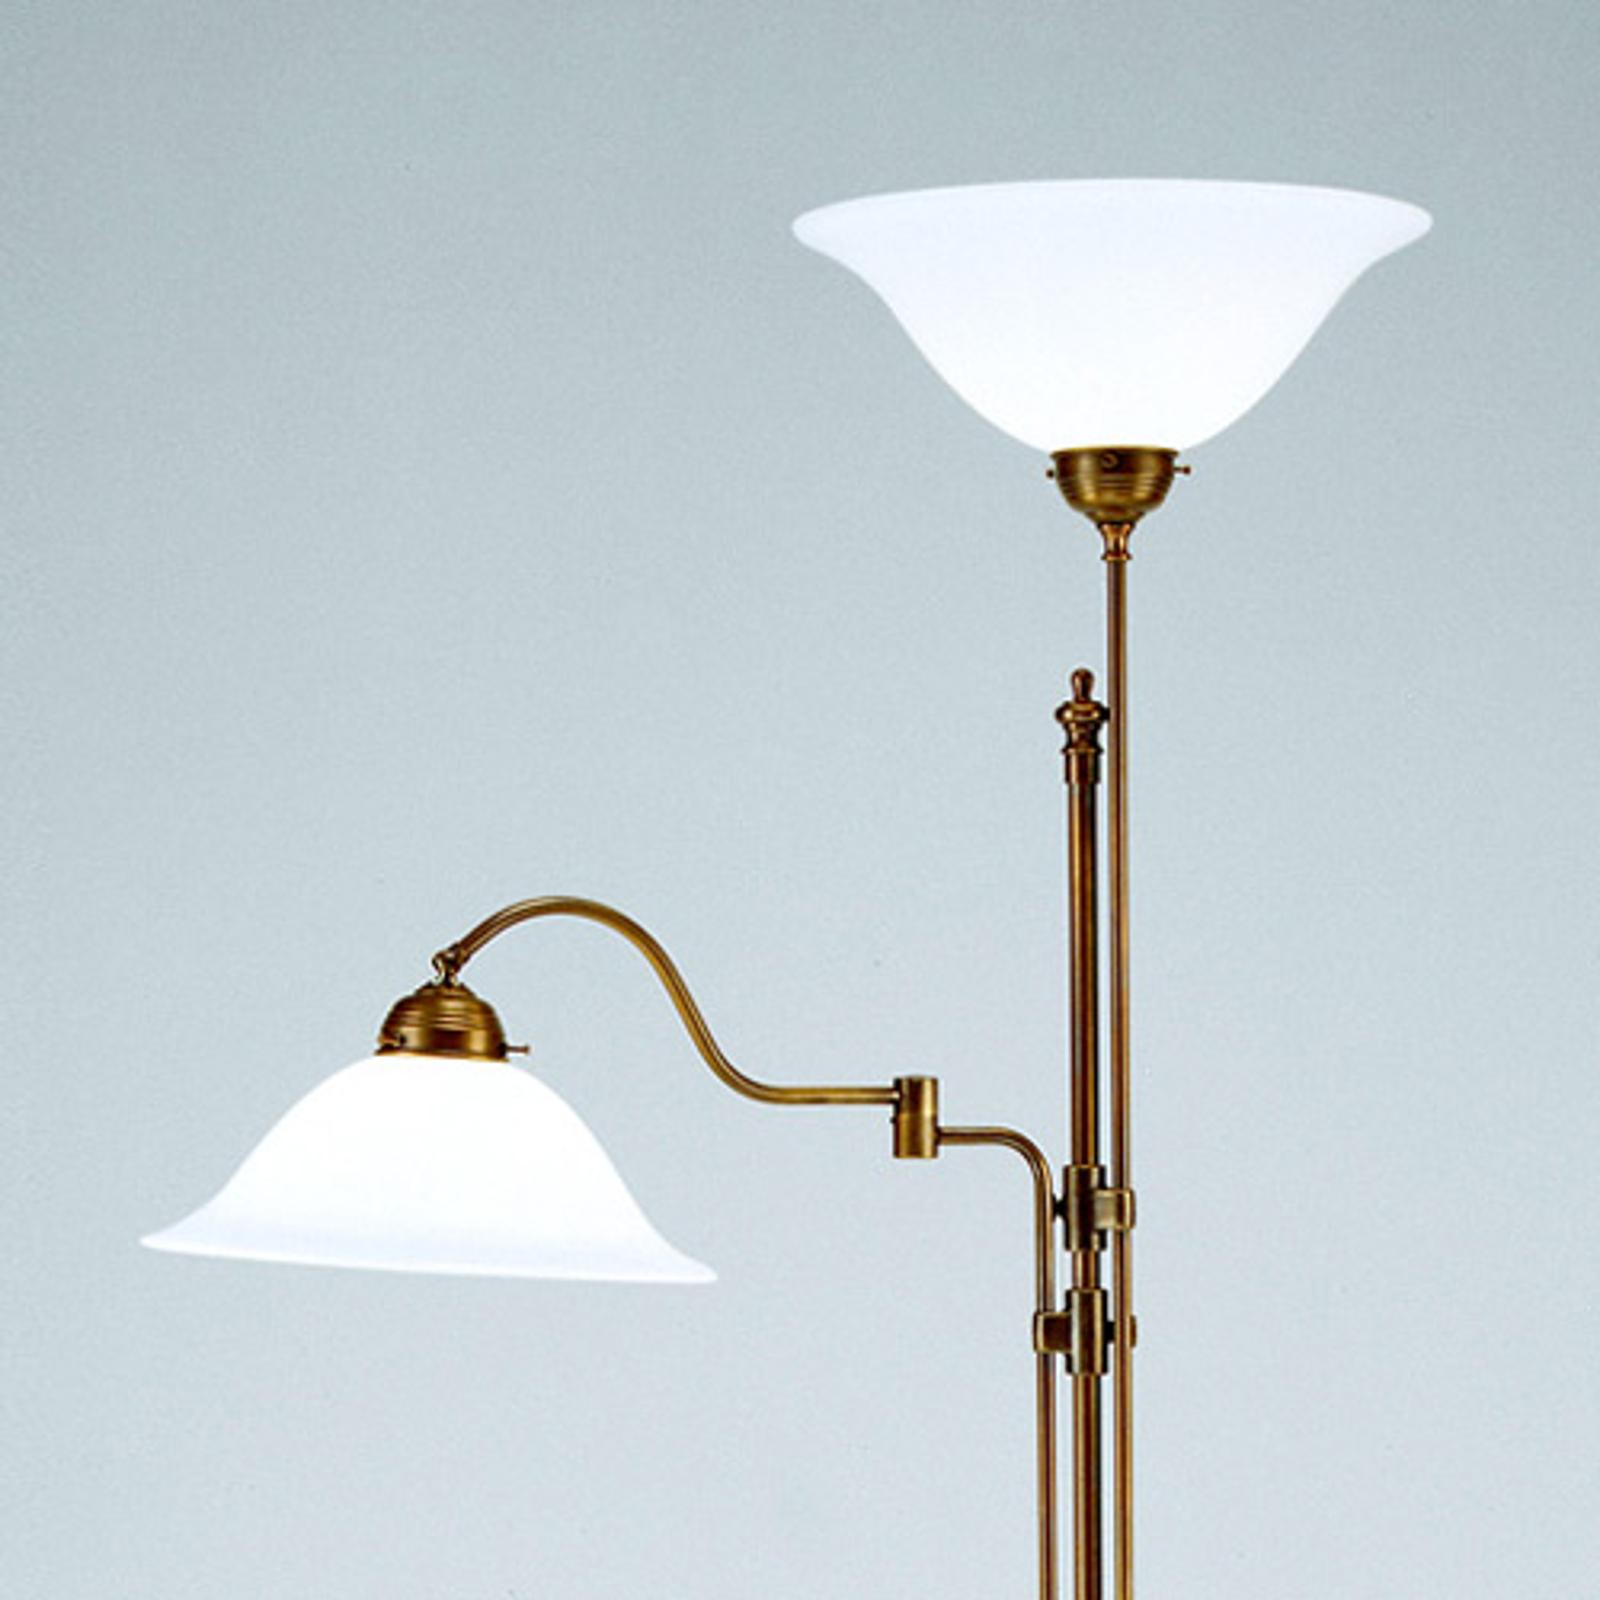 Tvåarmad uplightlampa Gustav